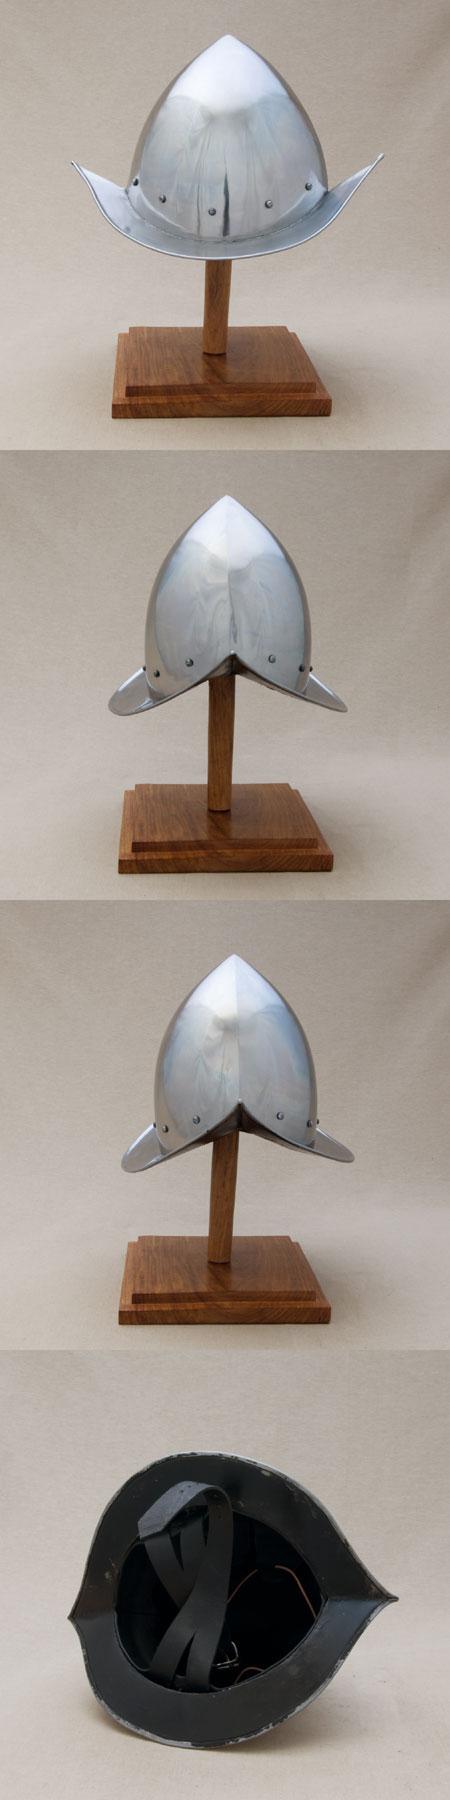 Mittelalter Helm passend zur Malteser-Rüstung